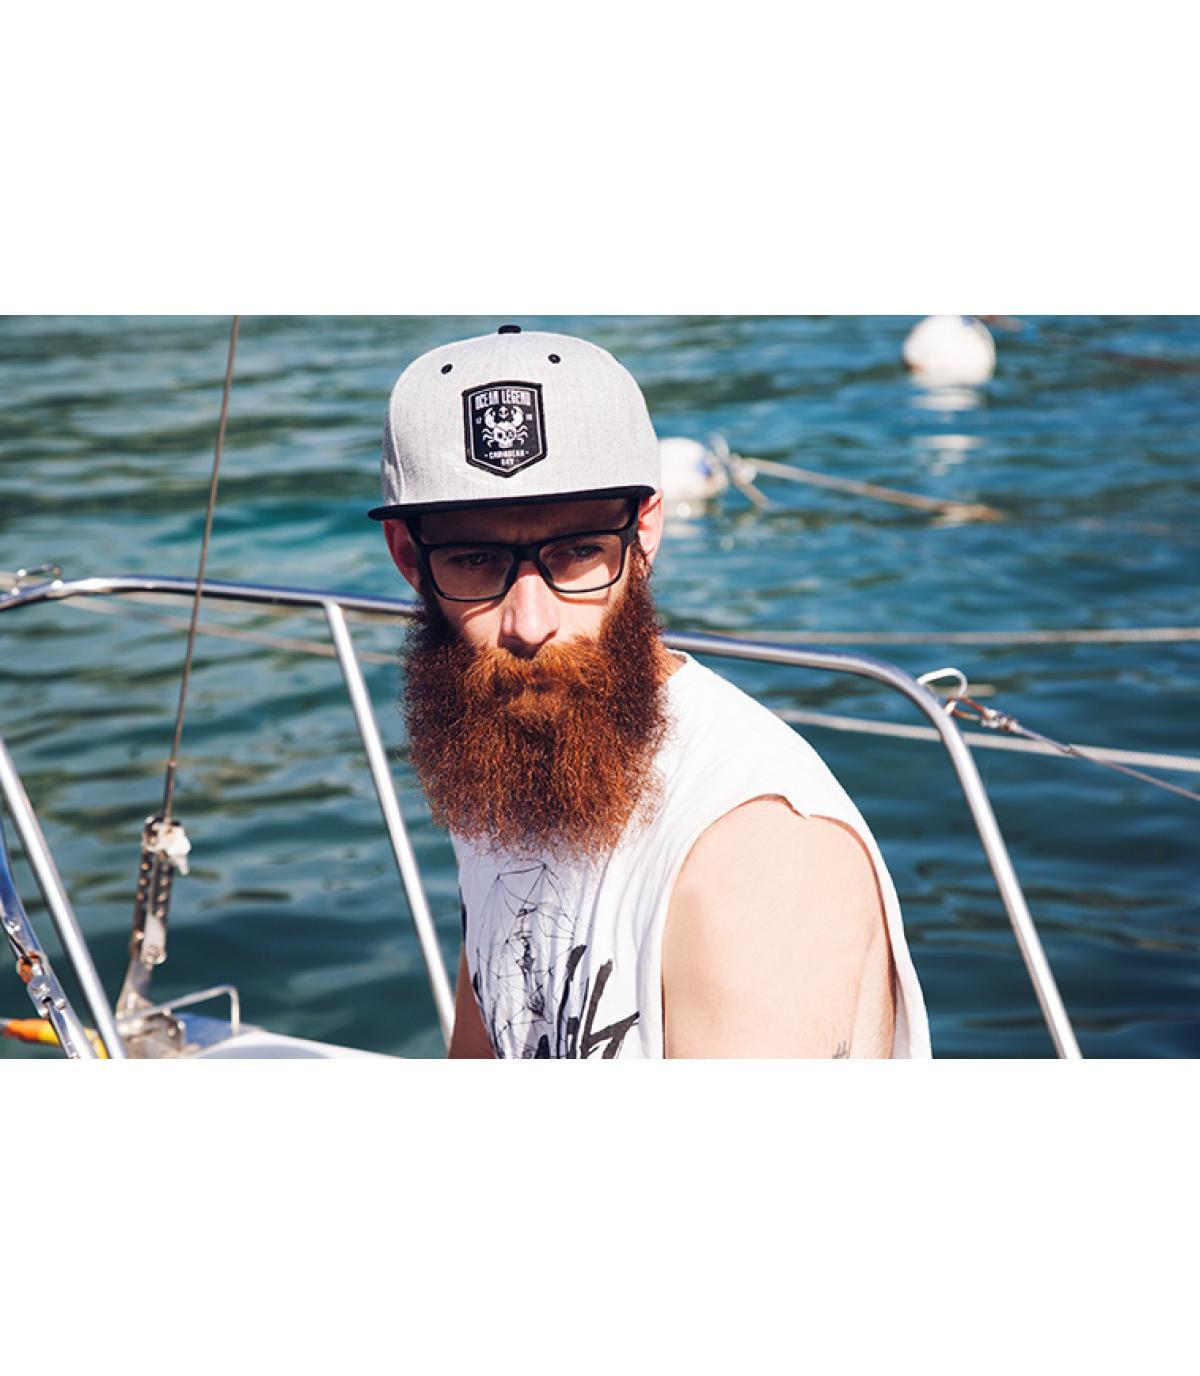 Détails Snapback Ocean Legend - image 6